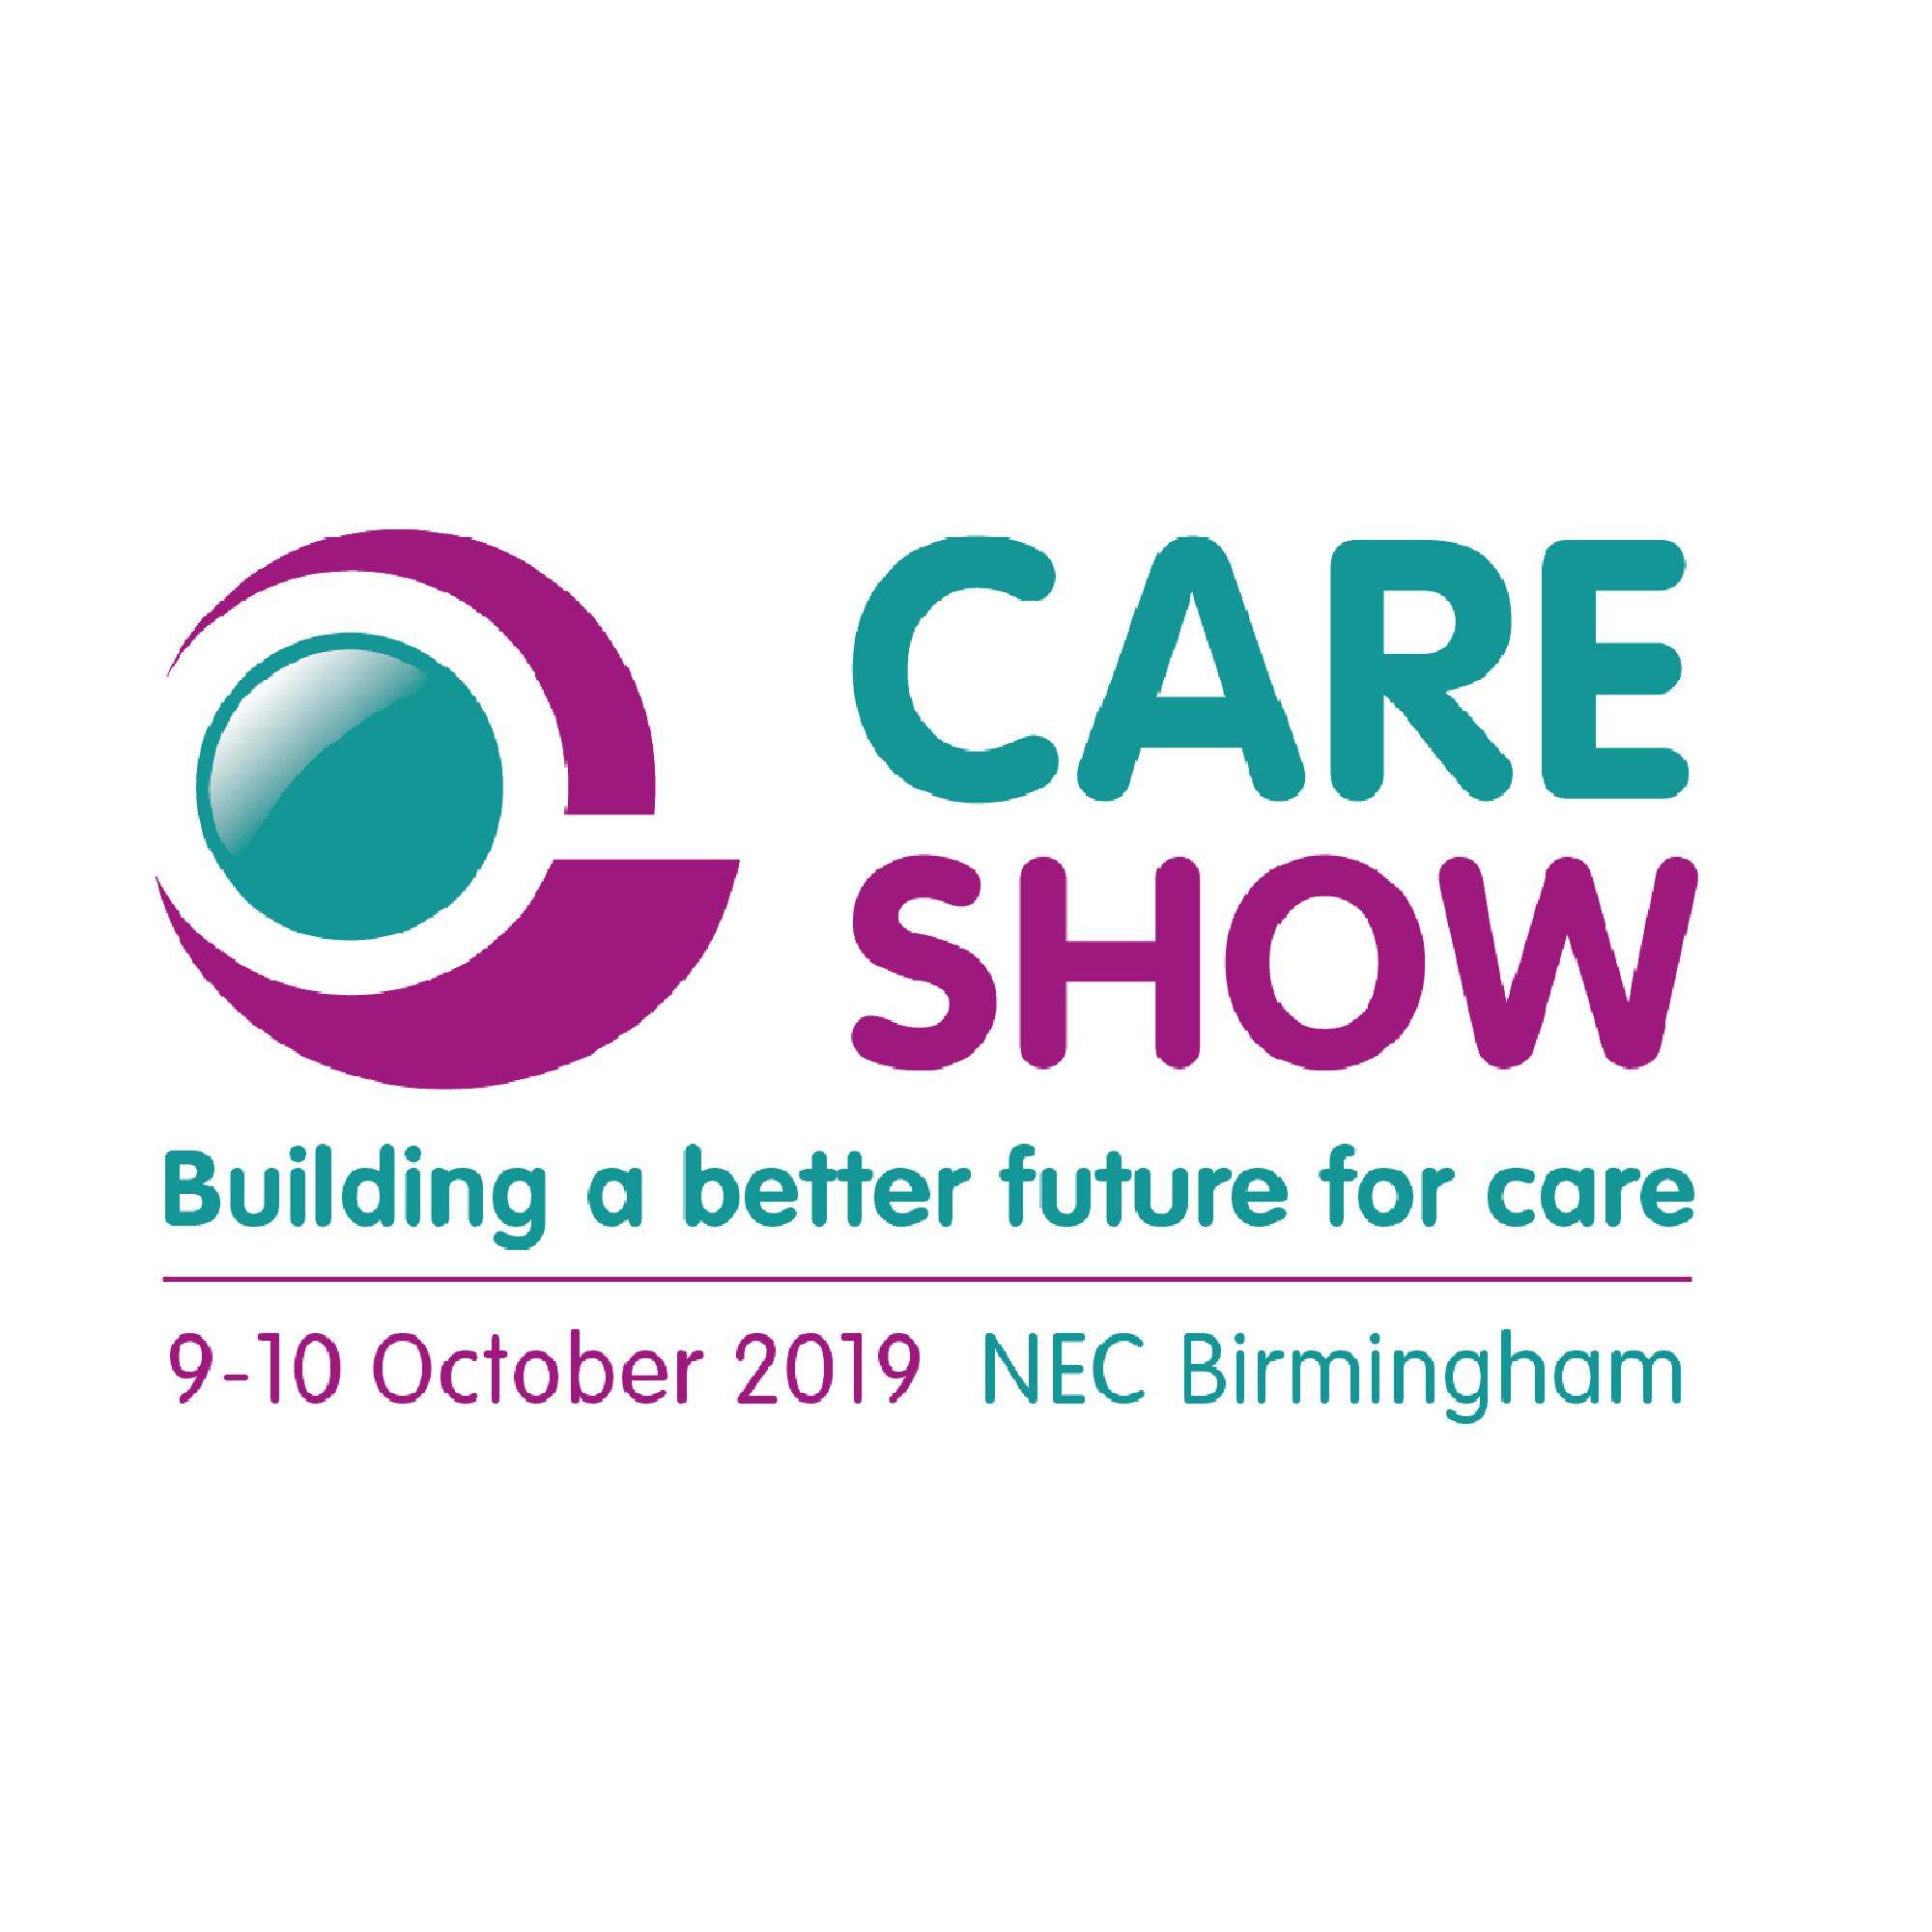 Care-Show-Logo-2019---social-media